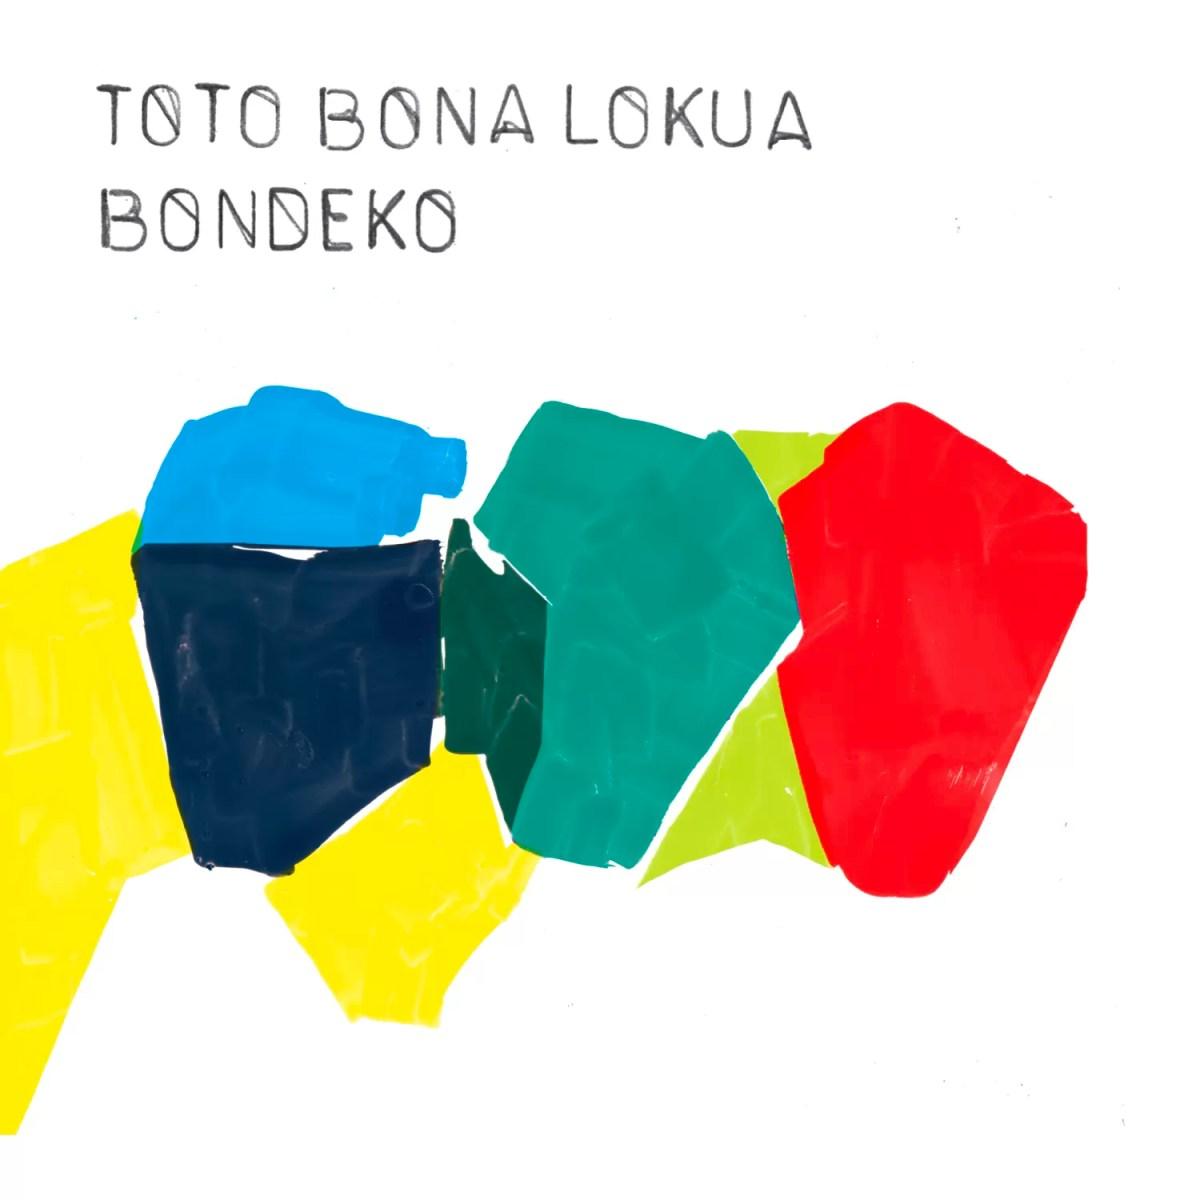 Toto Bona Lokua - Bondeko (No Format)